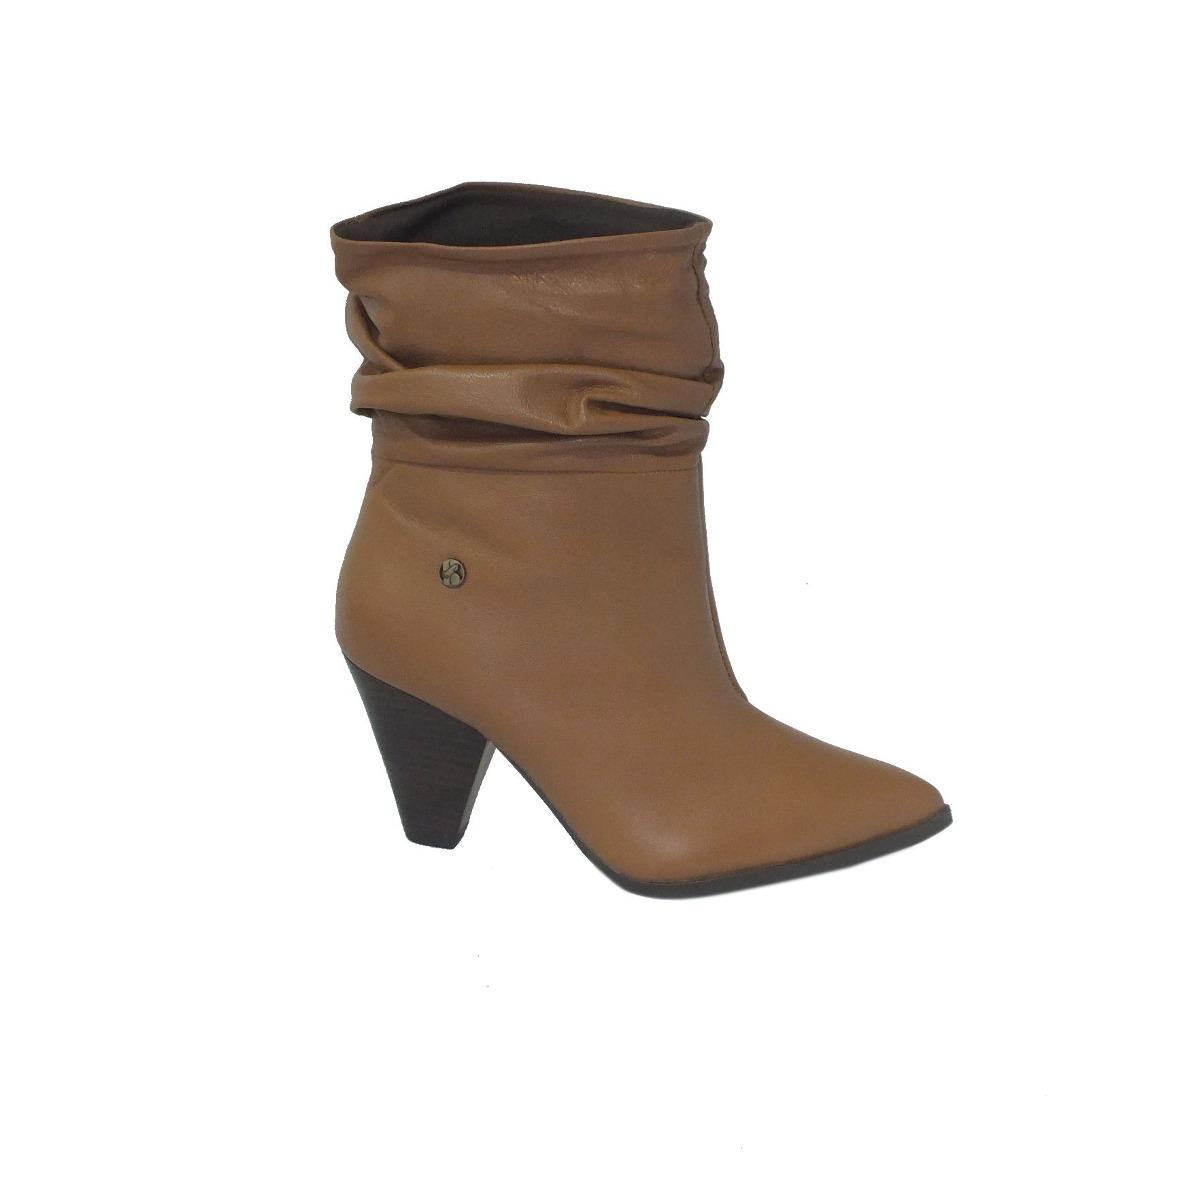 bota couro slouch cano curto bottero salto cone - caramelo. Carregando zoom. 685c5bb5faad5